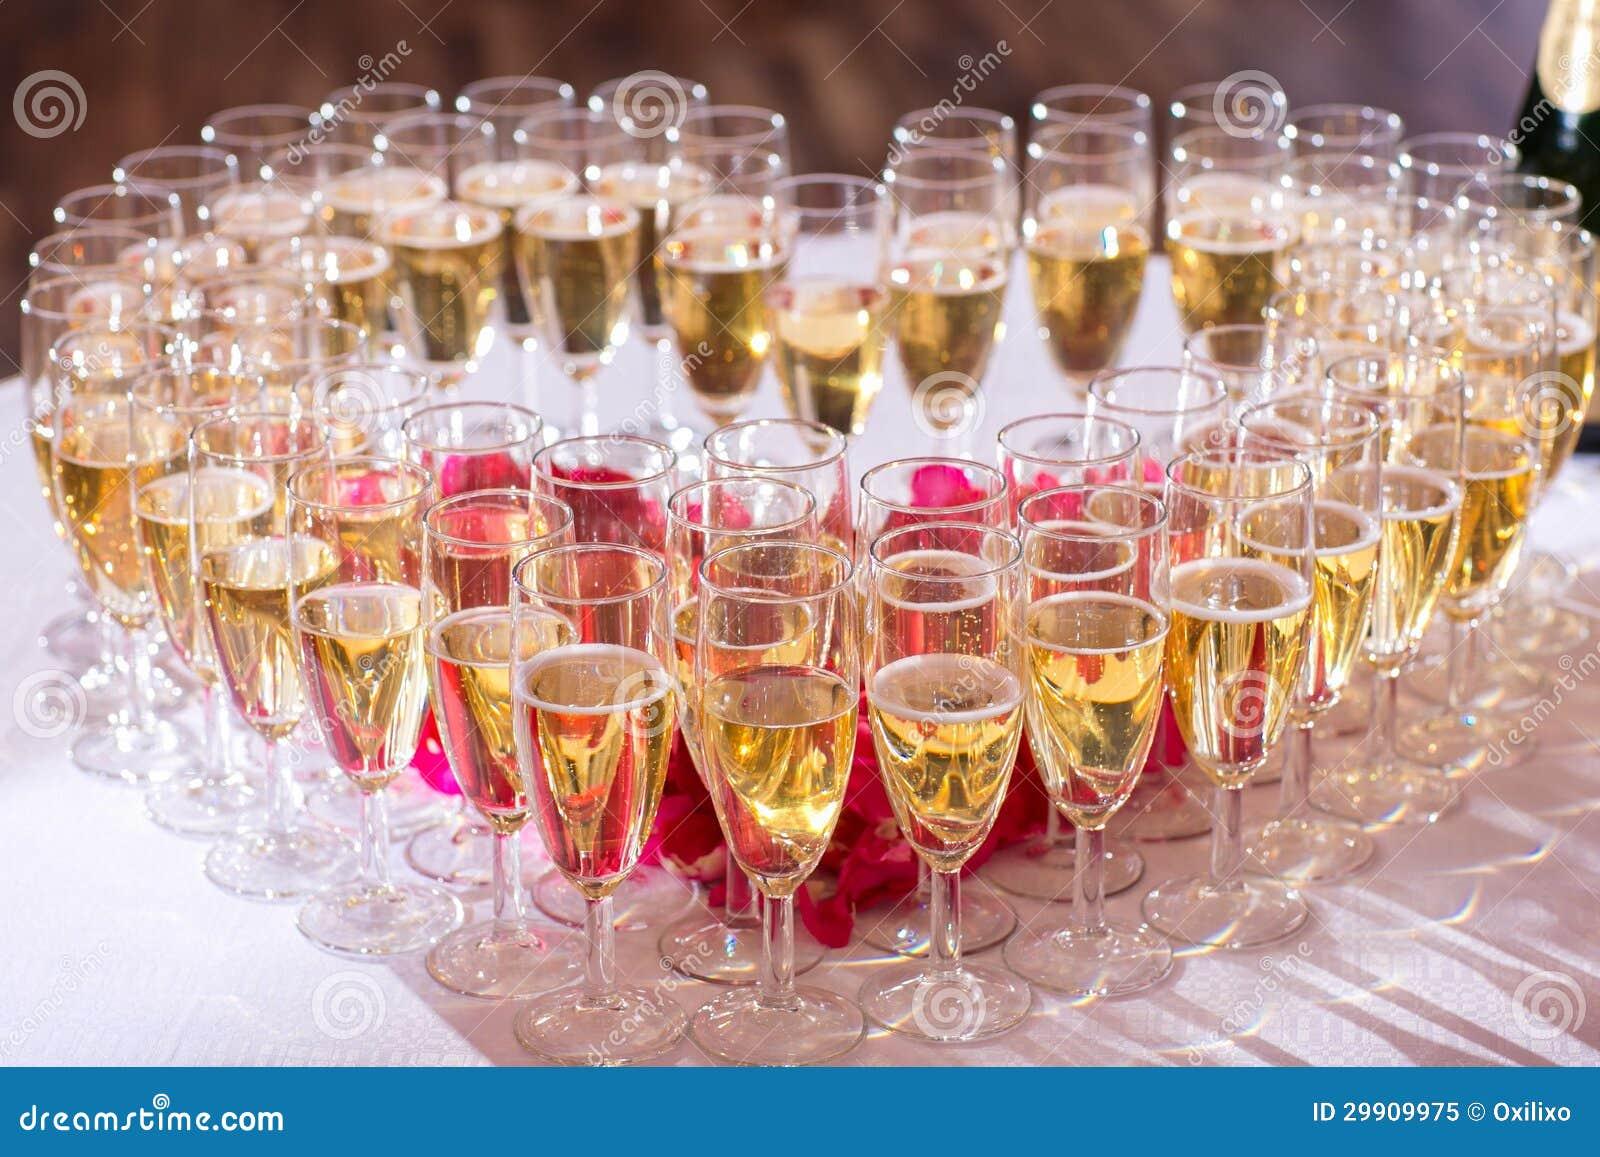 Verres de champagne sur la table de f te photo libre de droits image 29909975 - Ordre des verres sur la table ...